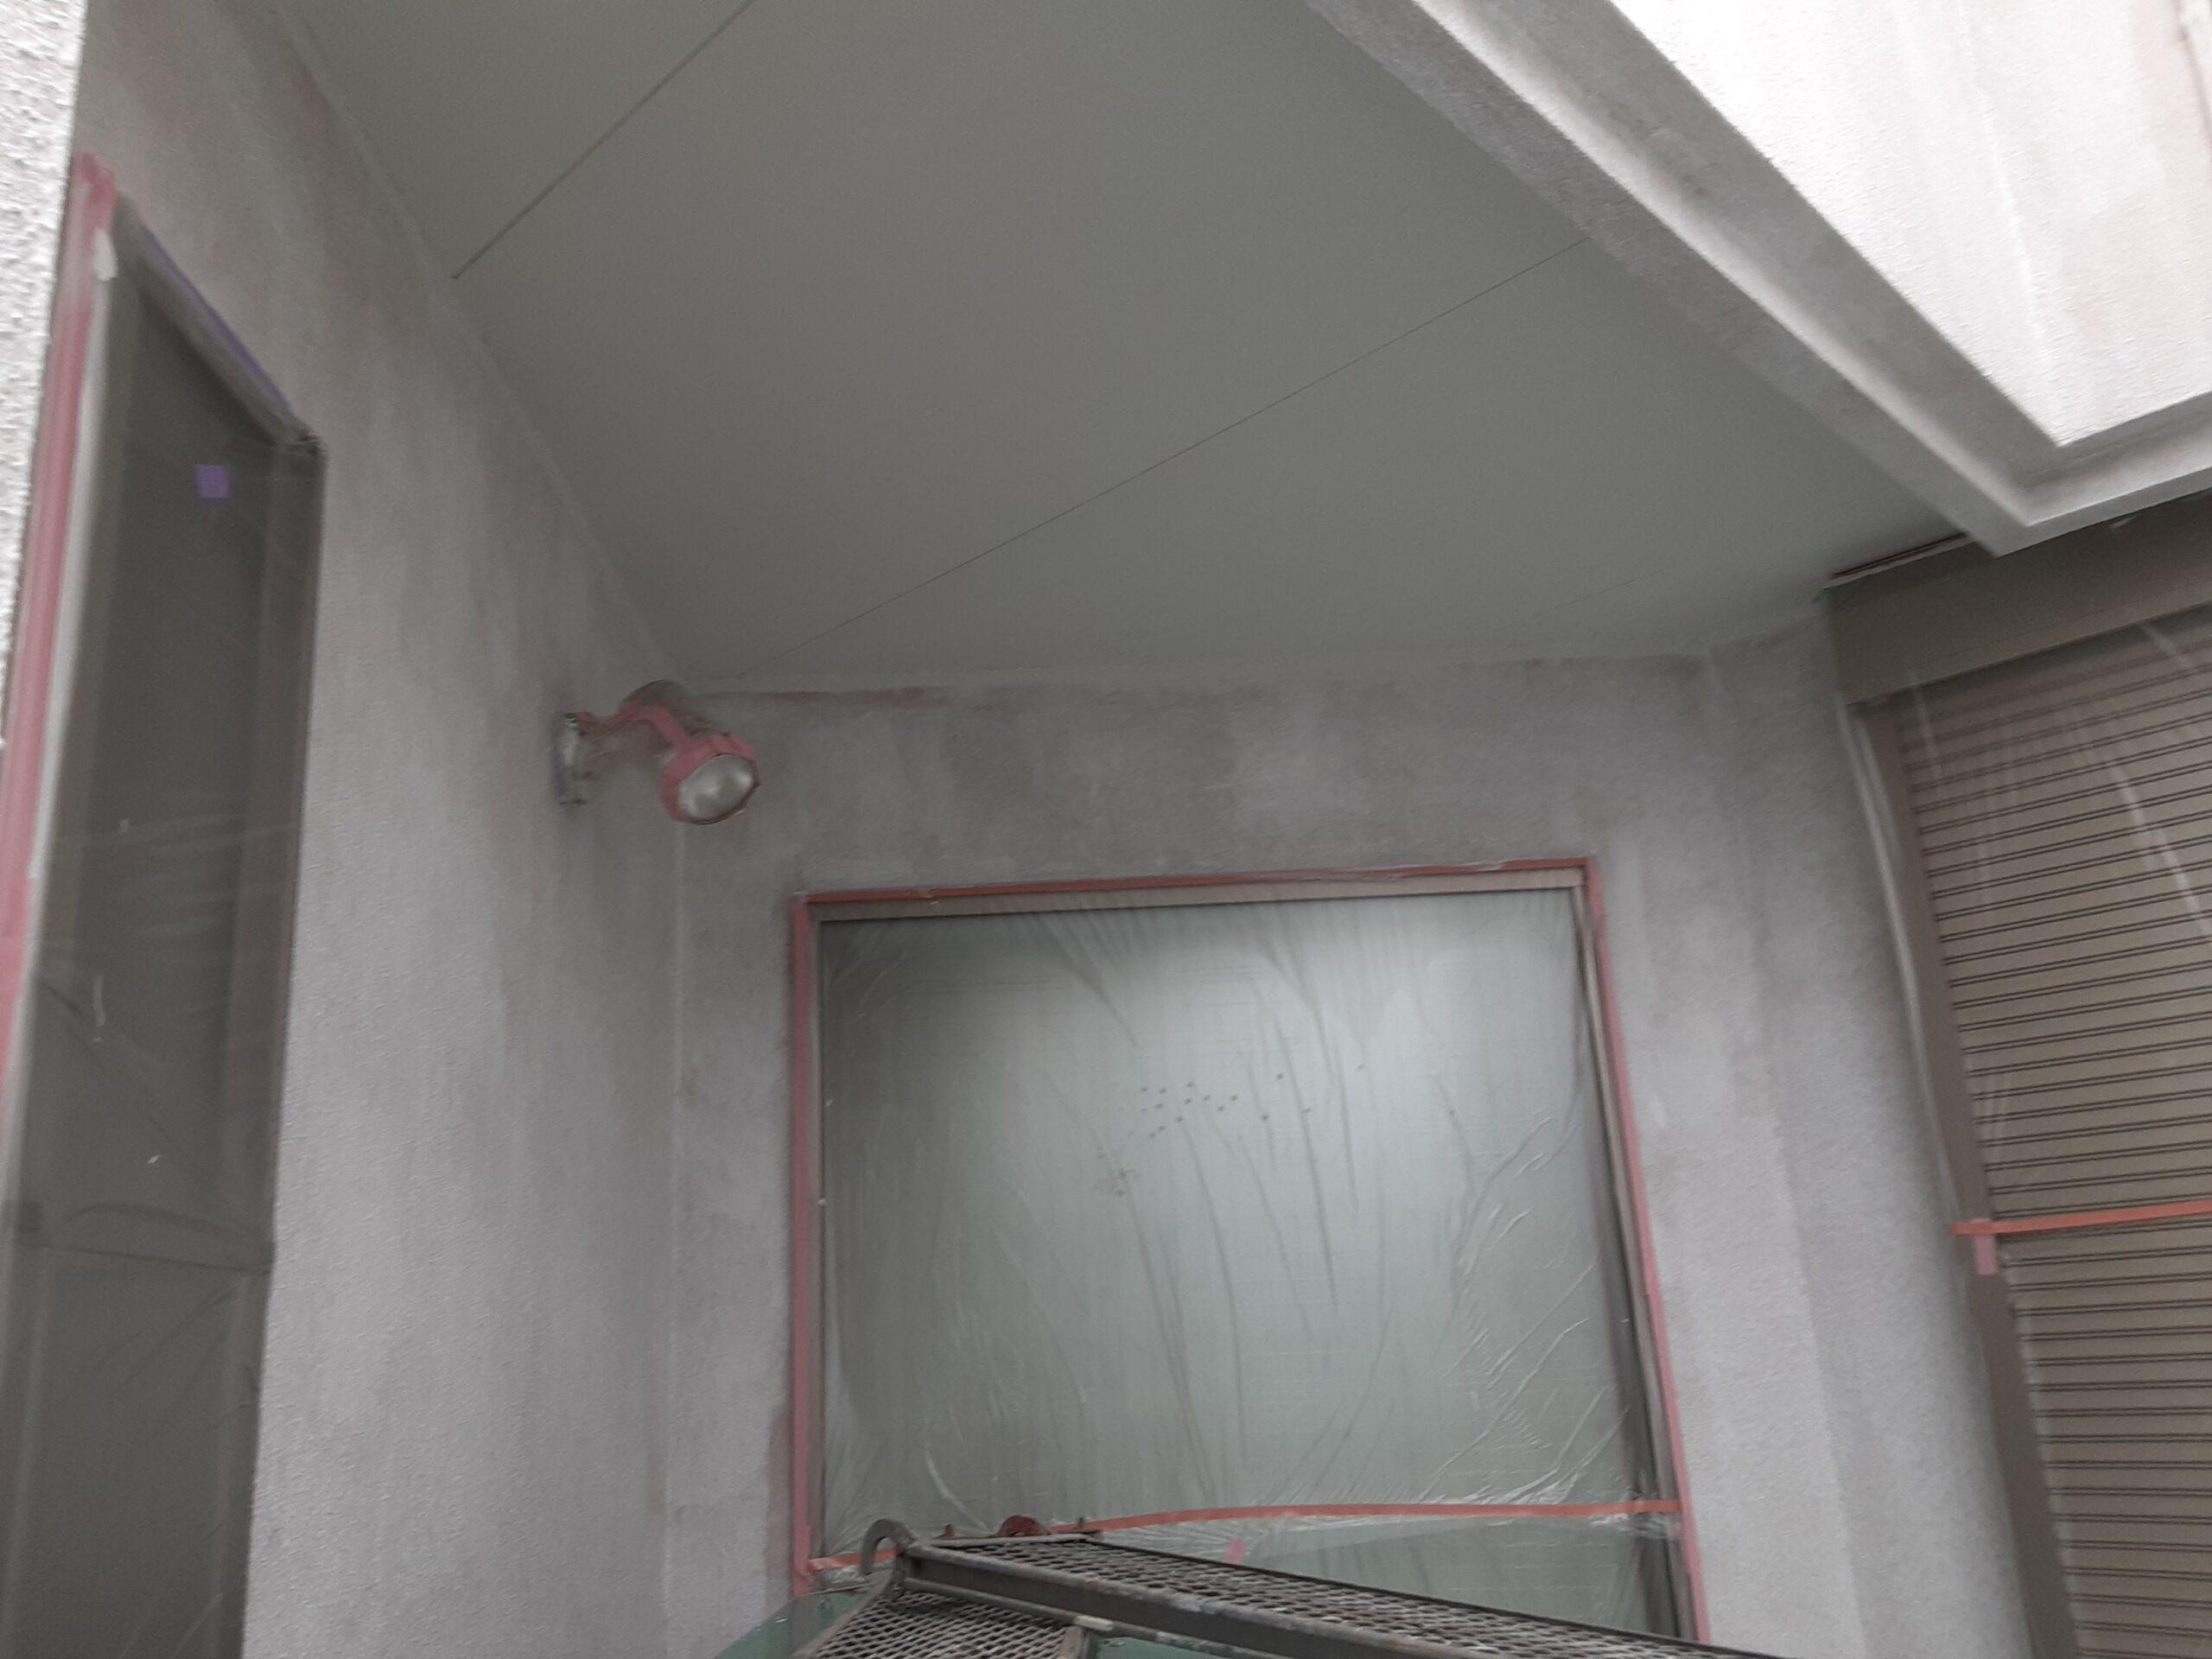 さいたま市大宮区のW様邸(木造2階建て)にて外壁の下塗り・中塗り塗装